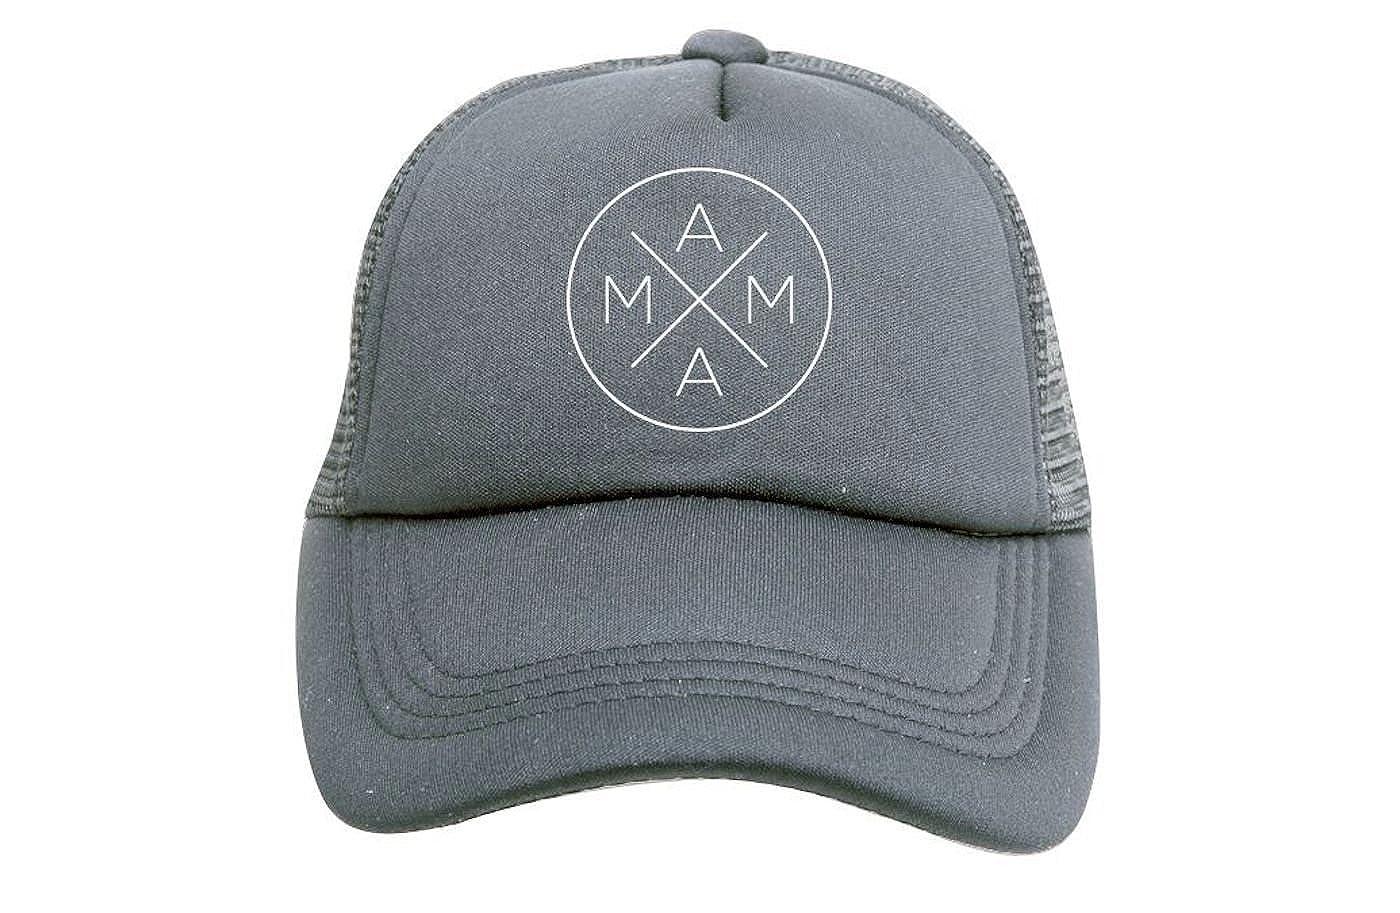 TINY TRUCKER Co. Grey MamaX Trucker Hat